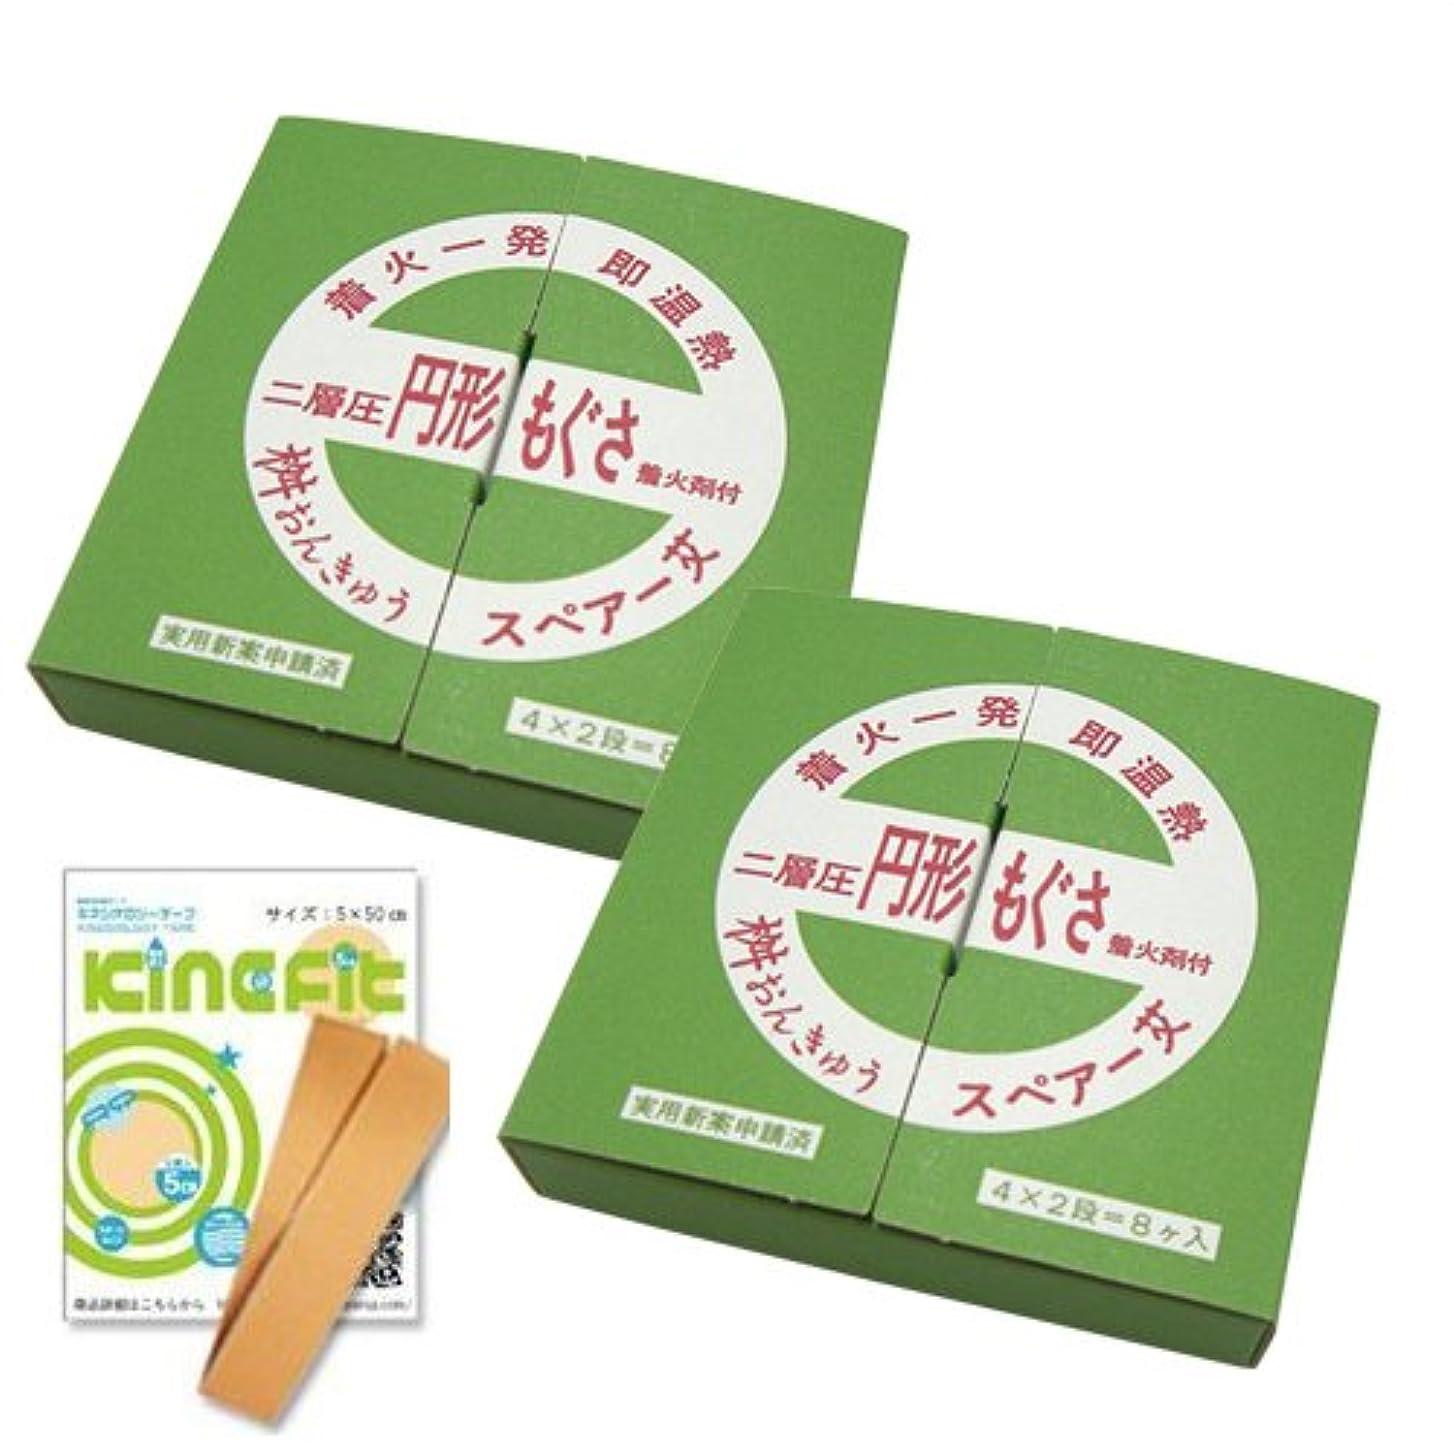 桝おんきゅう用スペアもぐさ 円形もぐさ(8ケ) ×2箱セット + お試し用キネシオロジーテープ キネフィット50cm セット